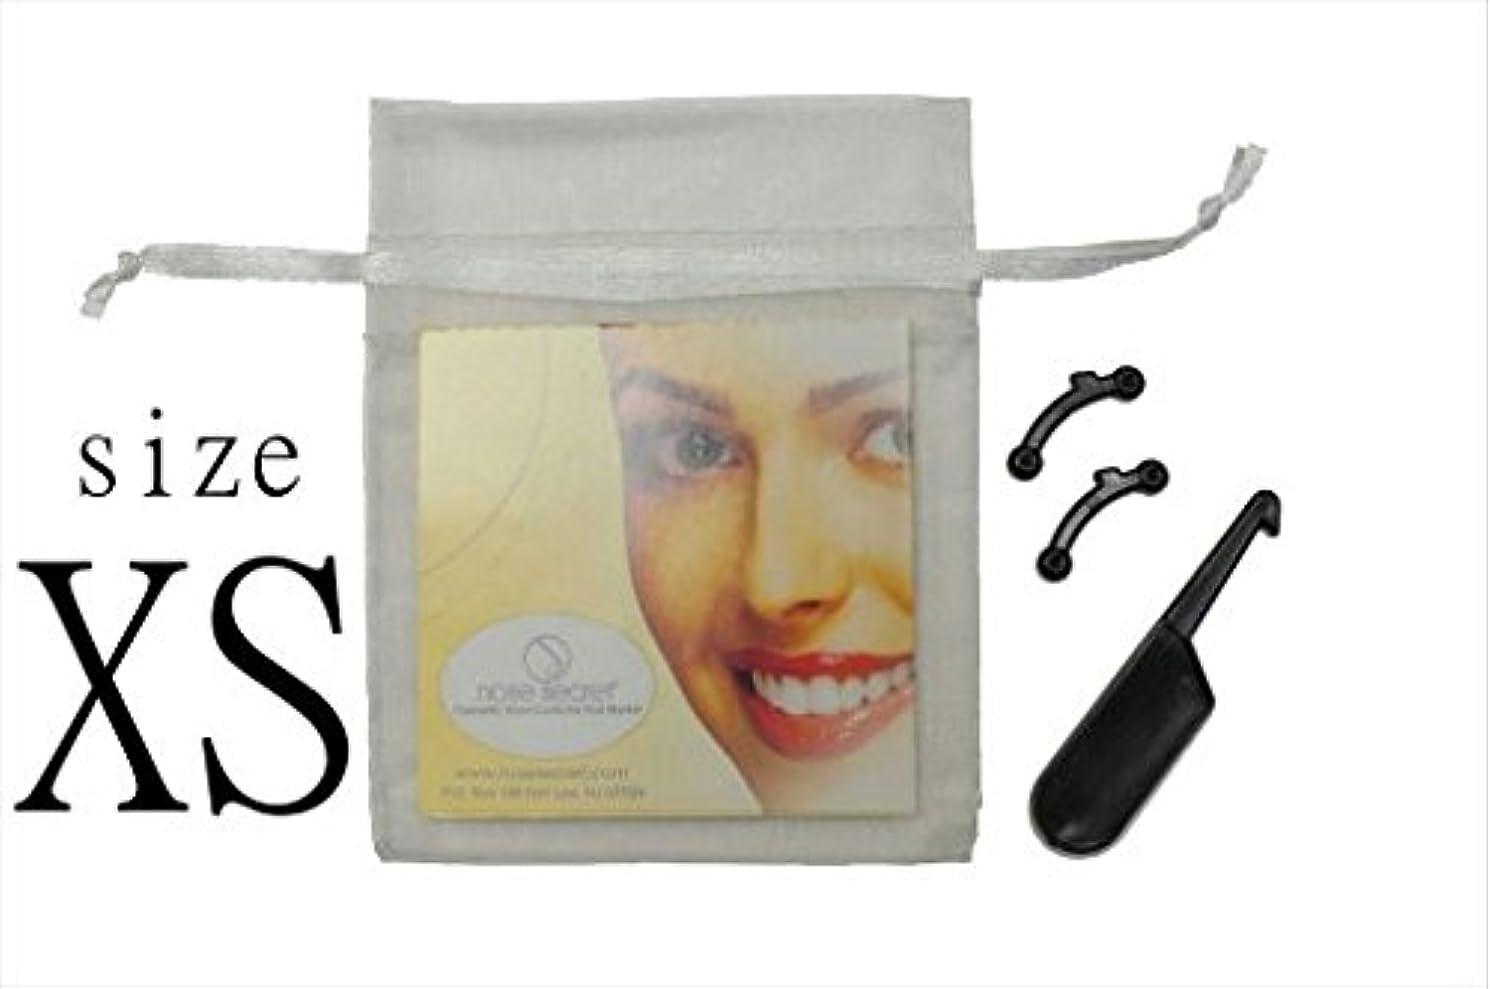 日本語説明書付 鼻プチ! ノーズシークレット サイズ 「XS」 正規品 アメリカ製 NOSE SECRET 社製 鼻のアイプチ 手術不要で鼻が高くなる!